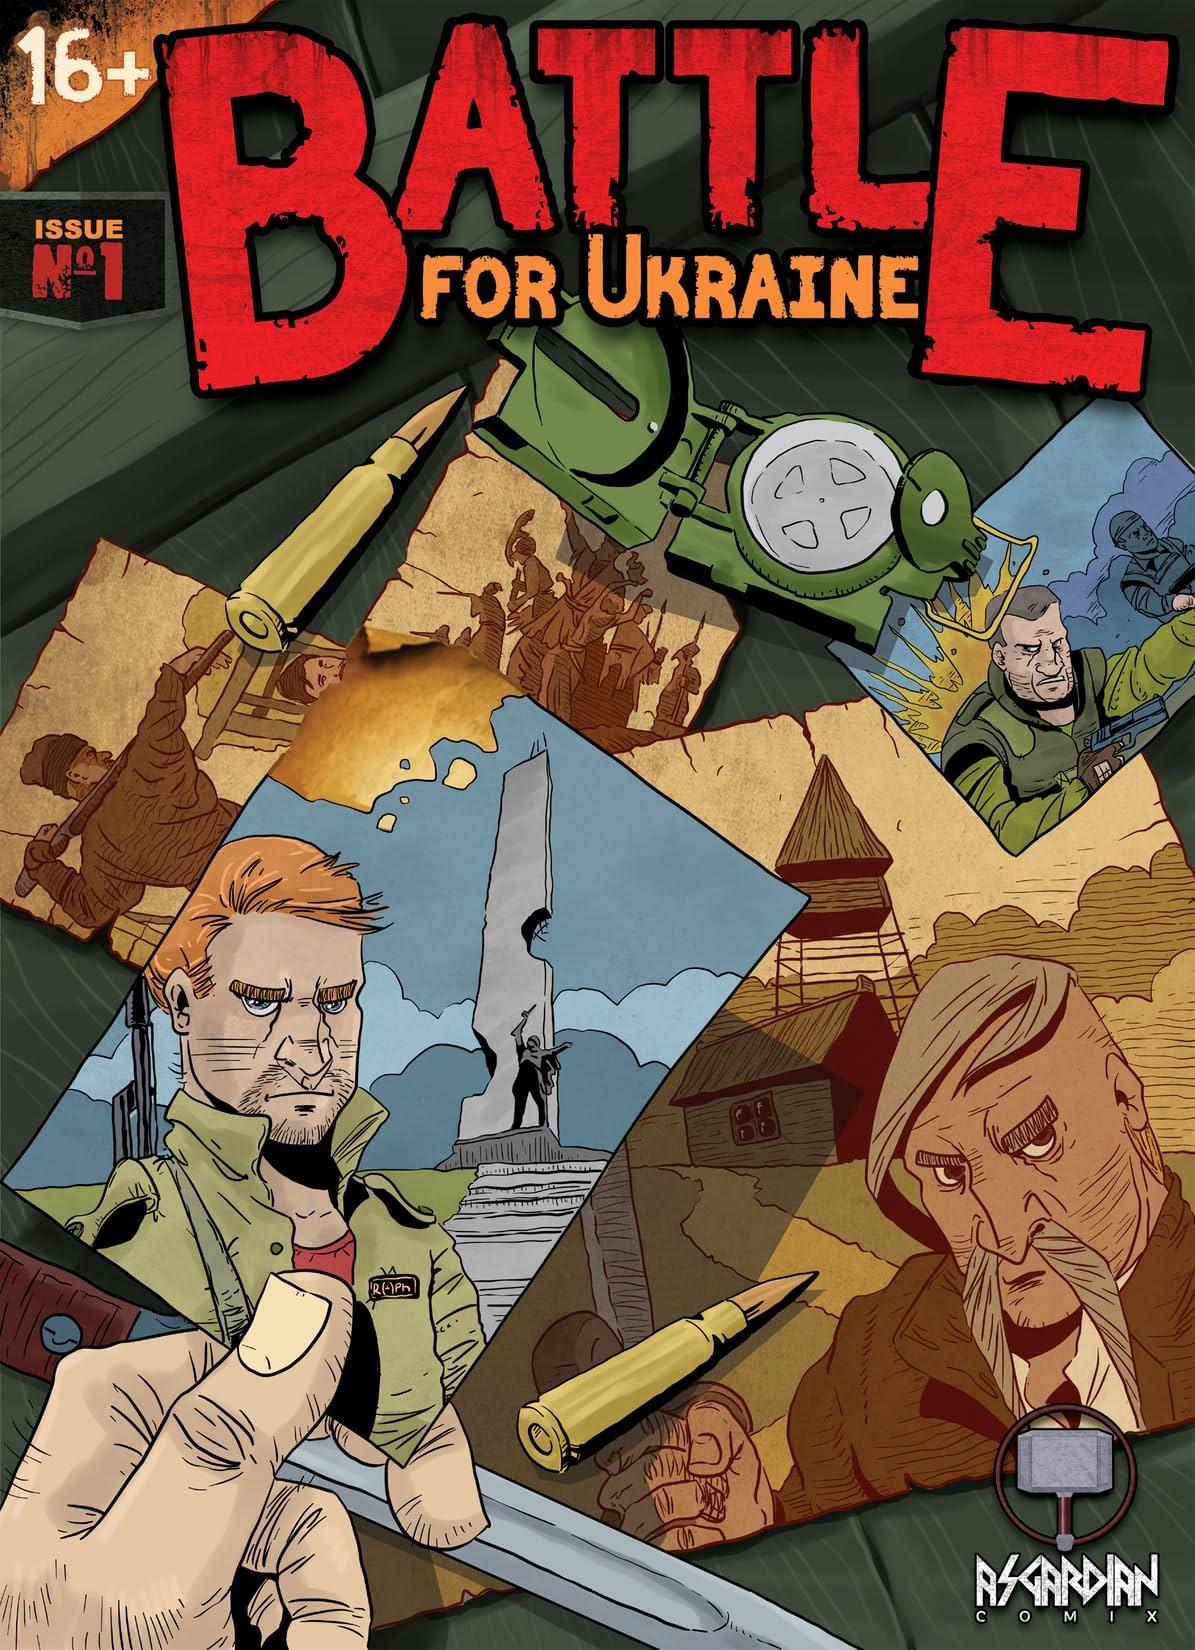 Battle for Ukraine #1